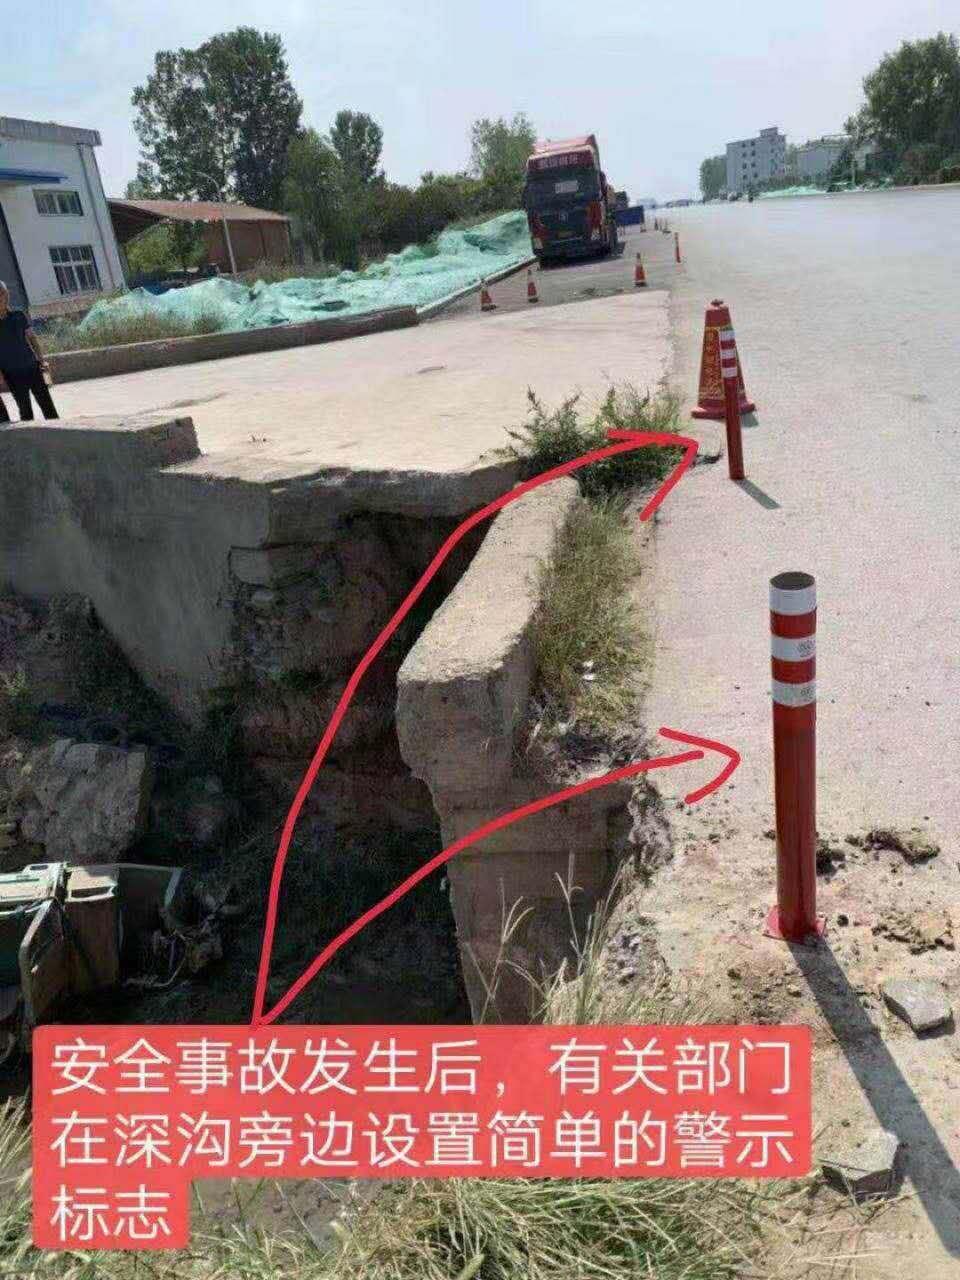 河南正阳:县领导强拆未完工围挡致女子瘫痪十个月,无人过问?